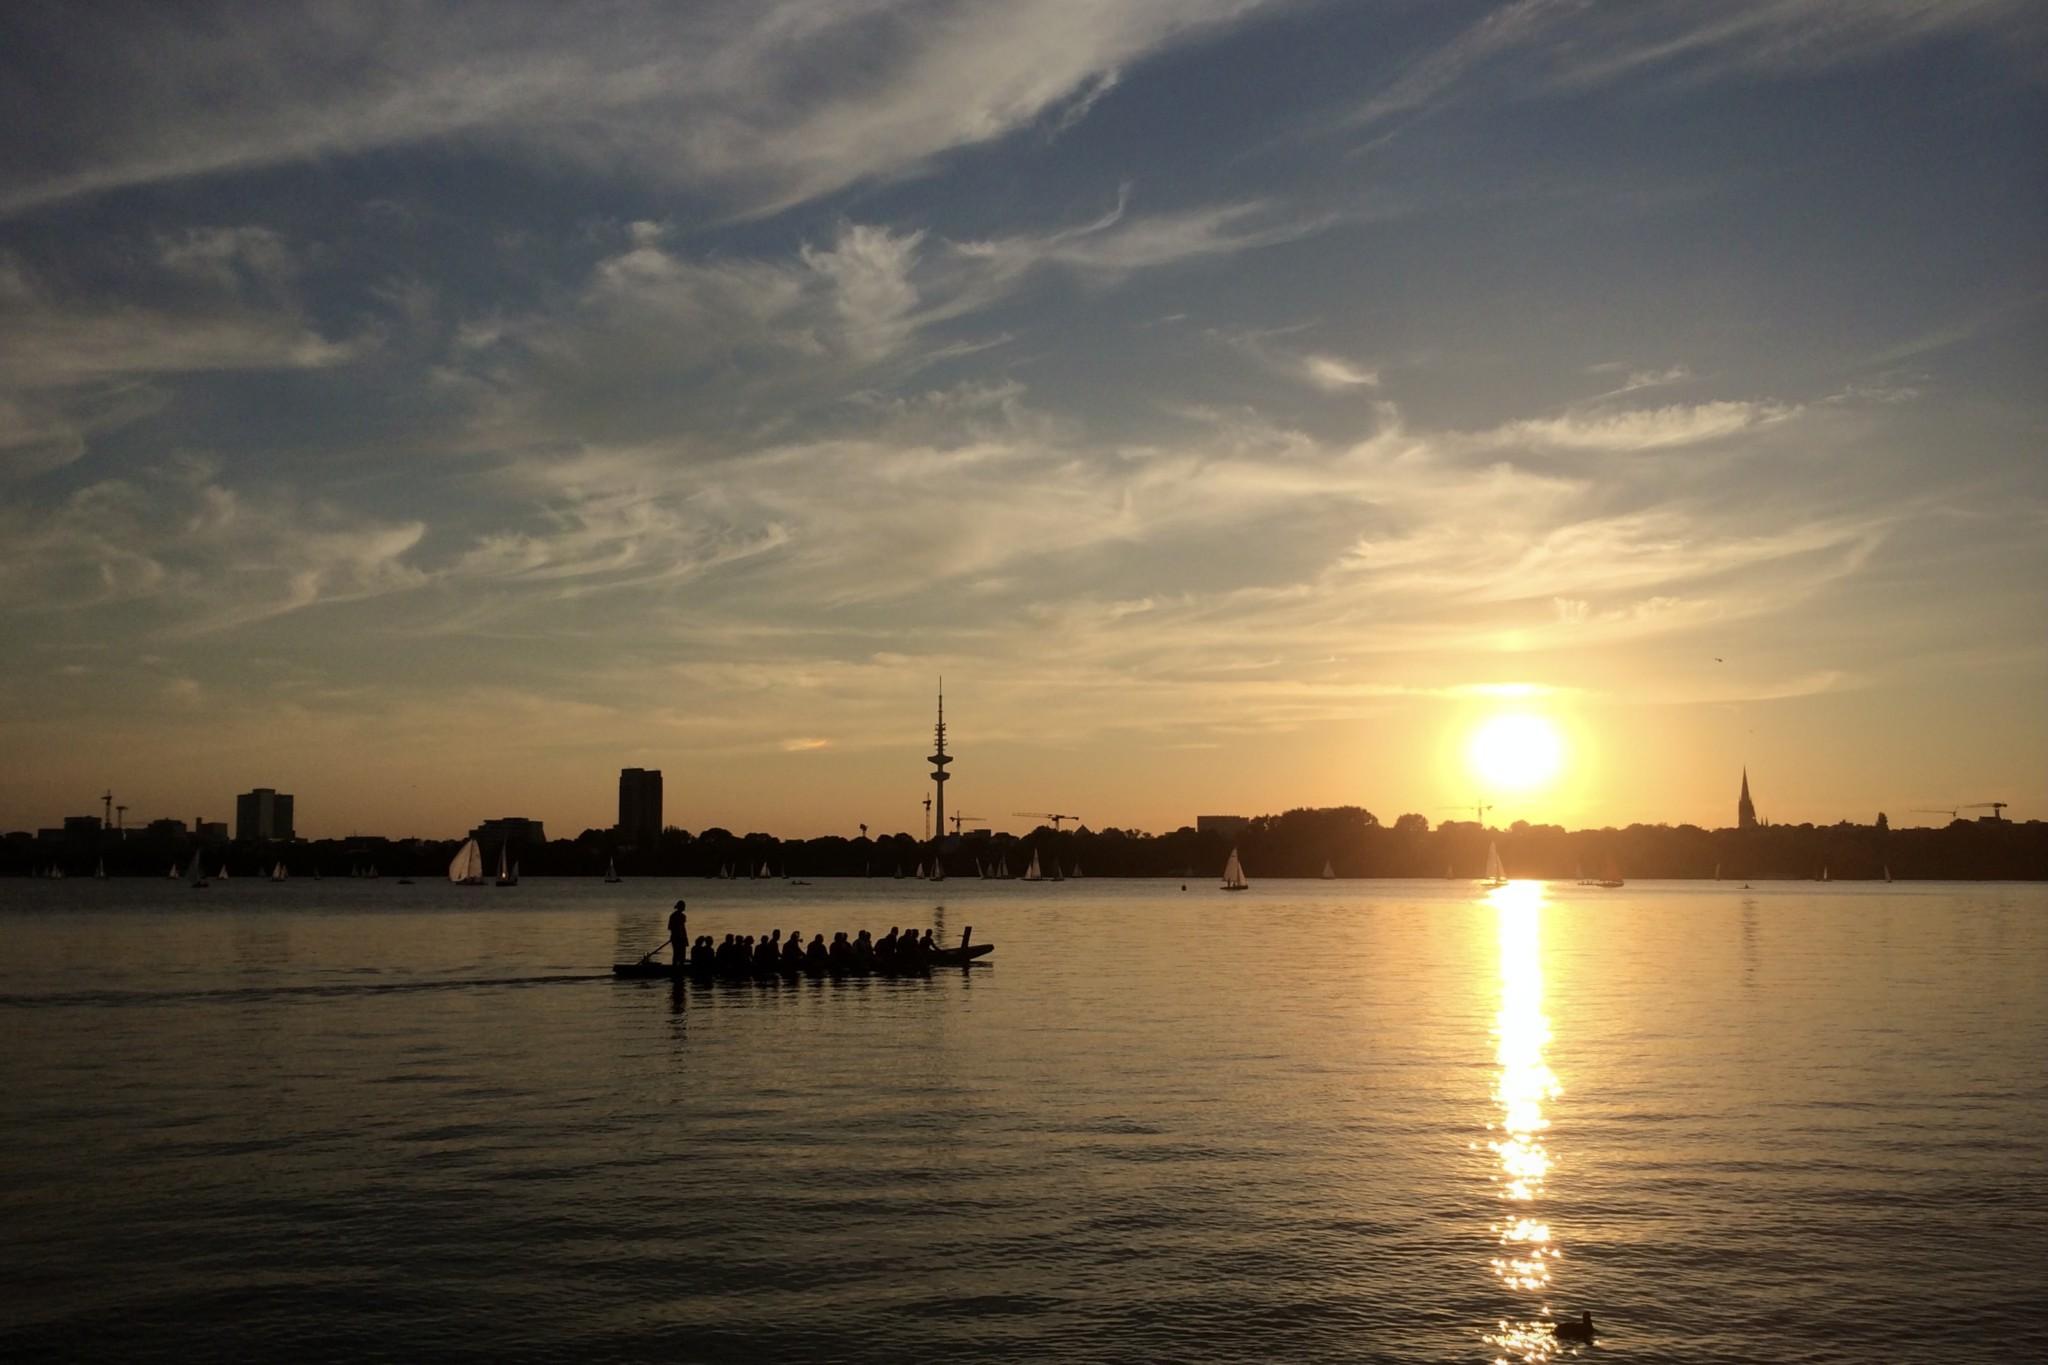 Hamburg Tipps: Insider gehen an die Alster zum Sonnenuntergang